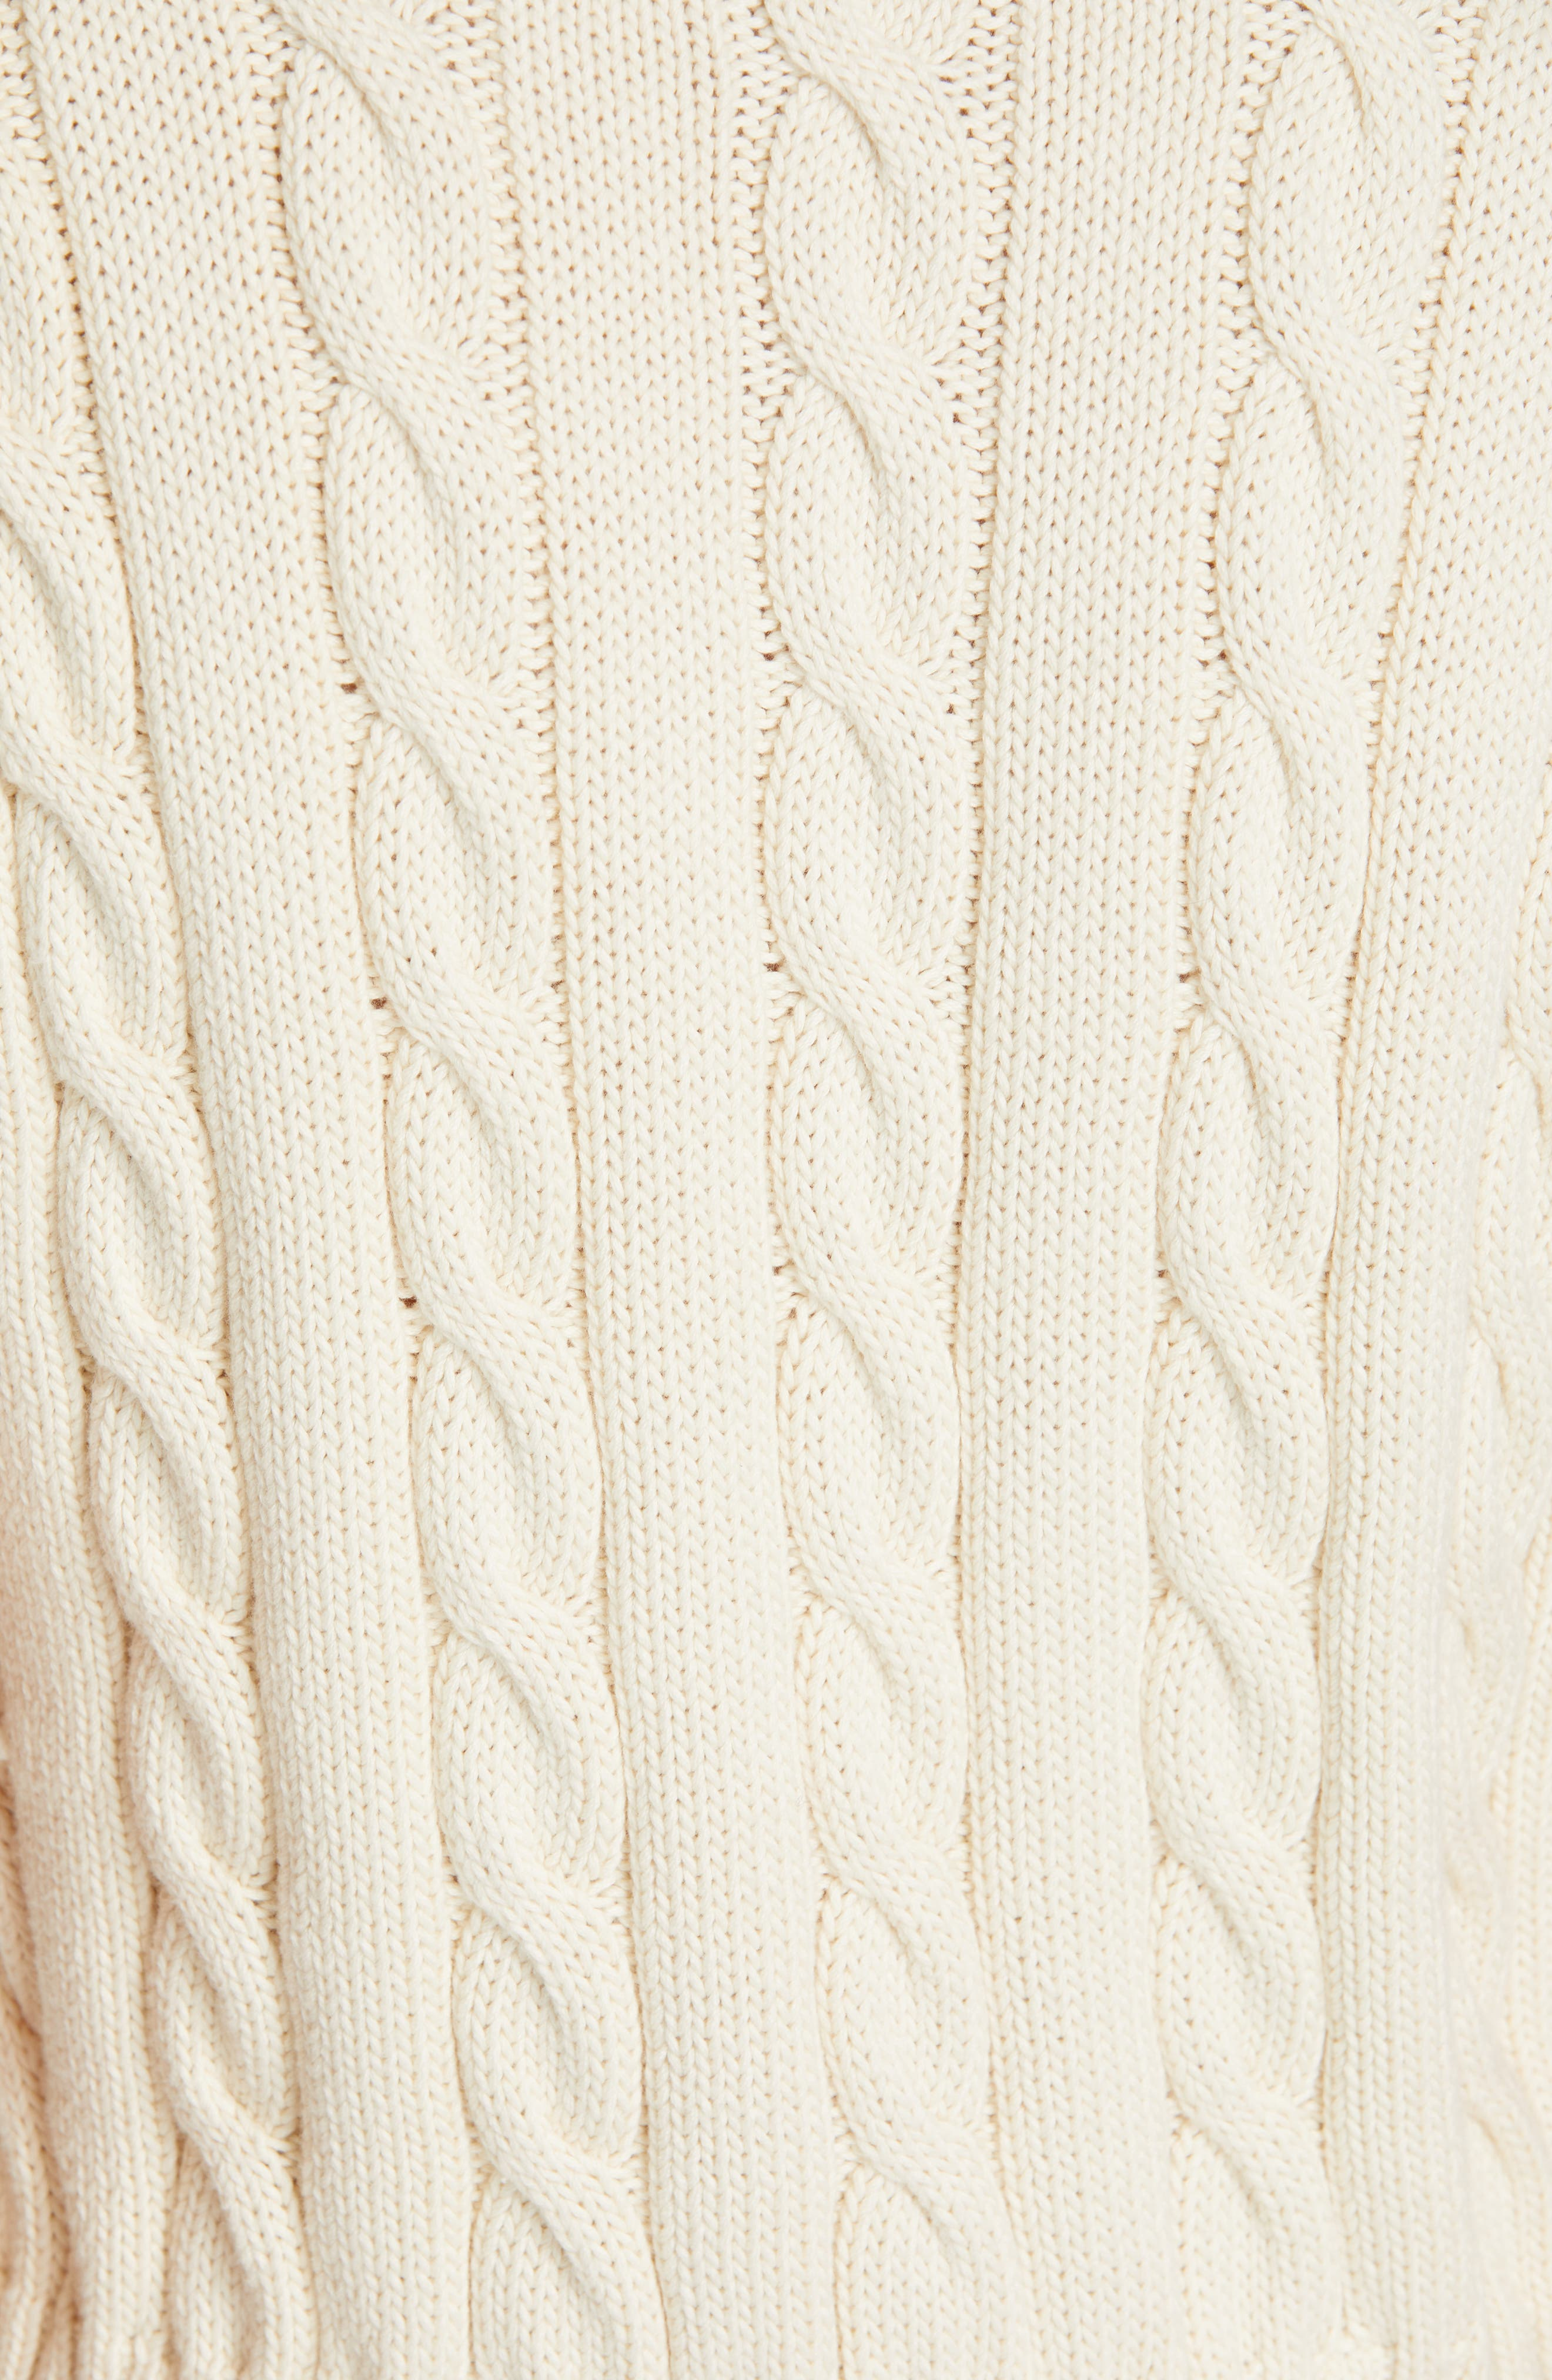 POLO RALPH LAUREN, Cable Sweater Vest, Alternate thumbnail 5, color, CREAM/ BLACK/ ROYAL